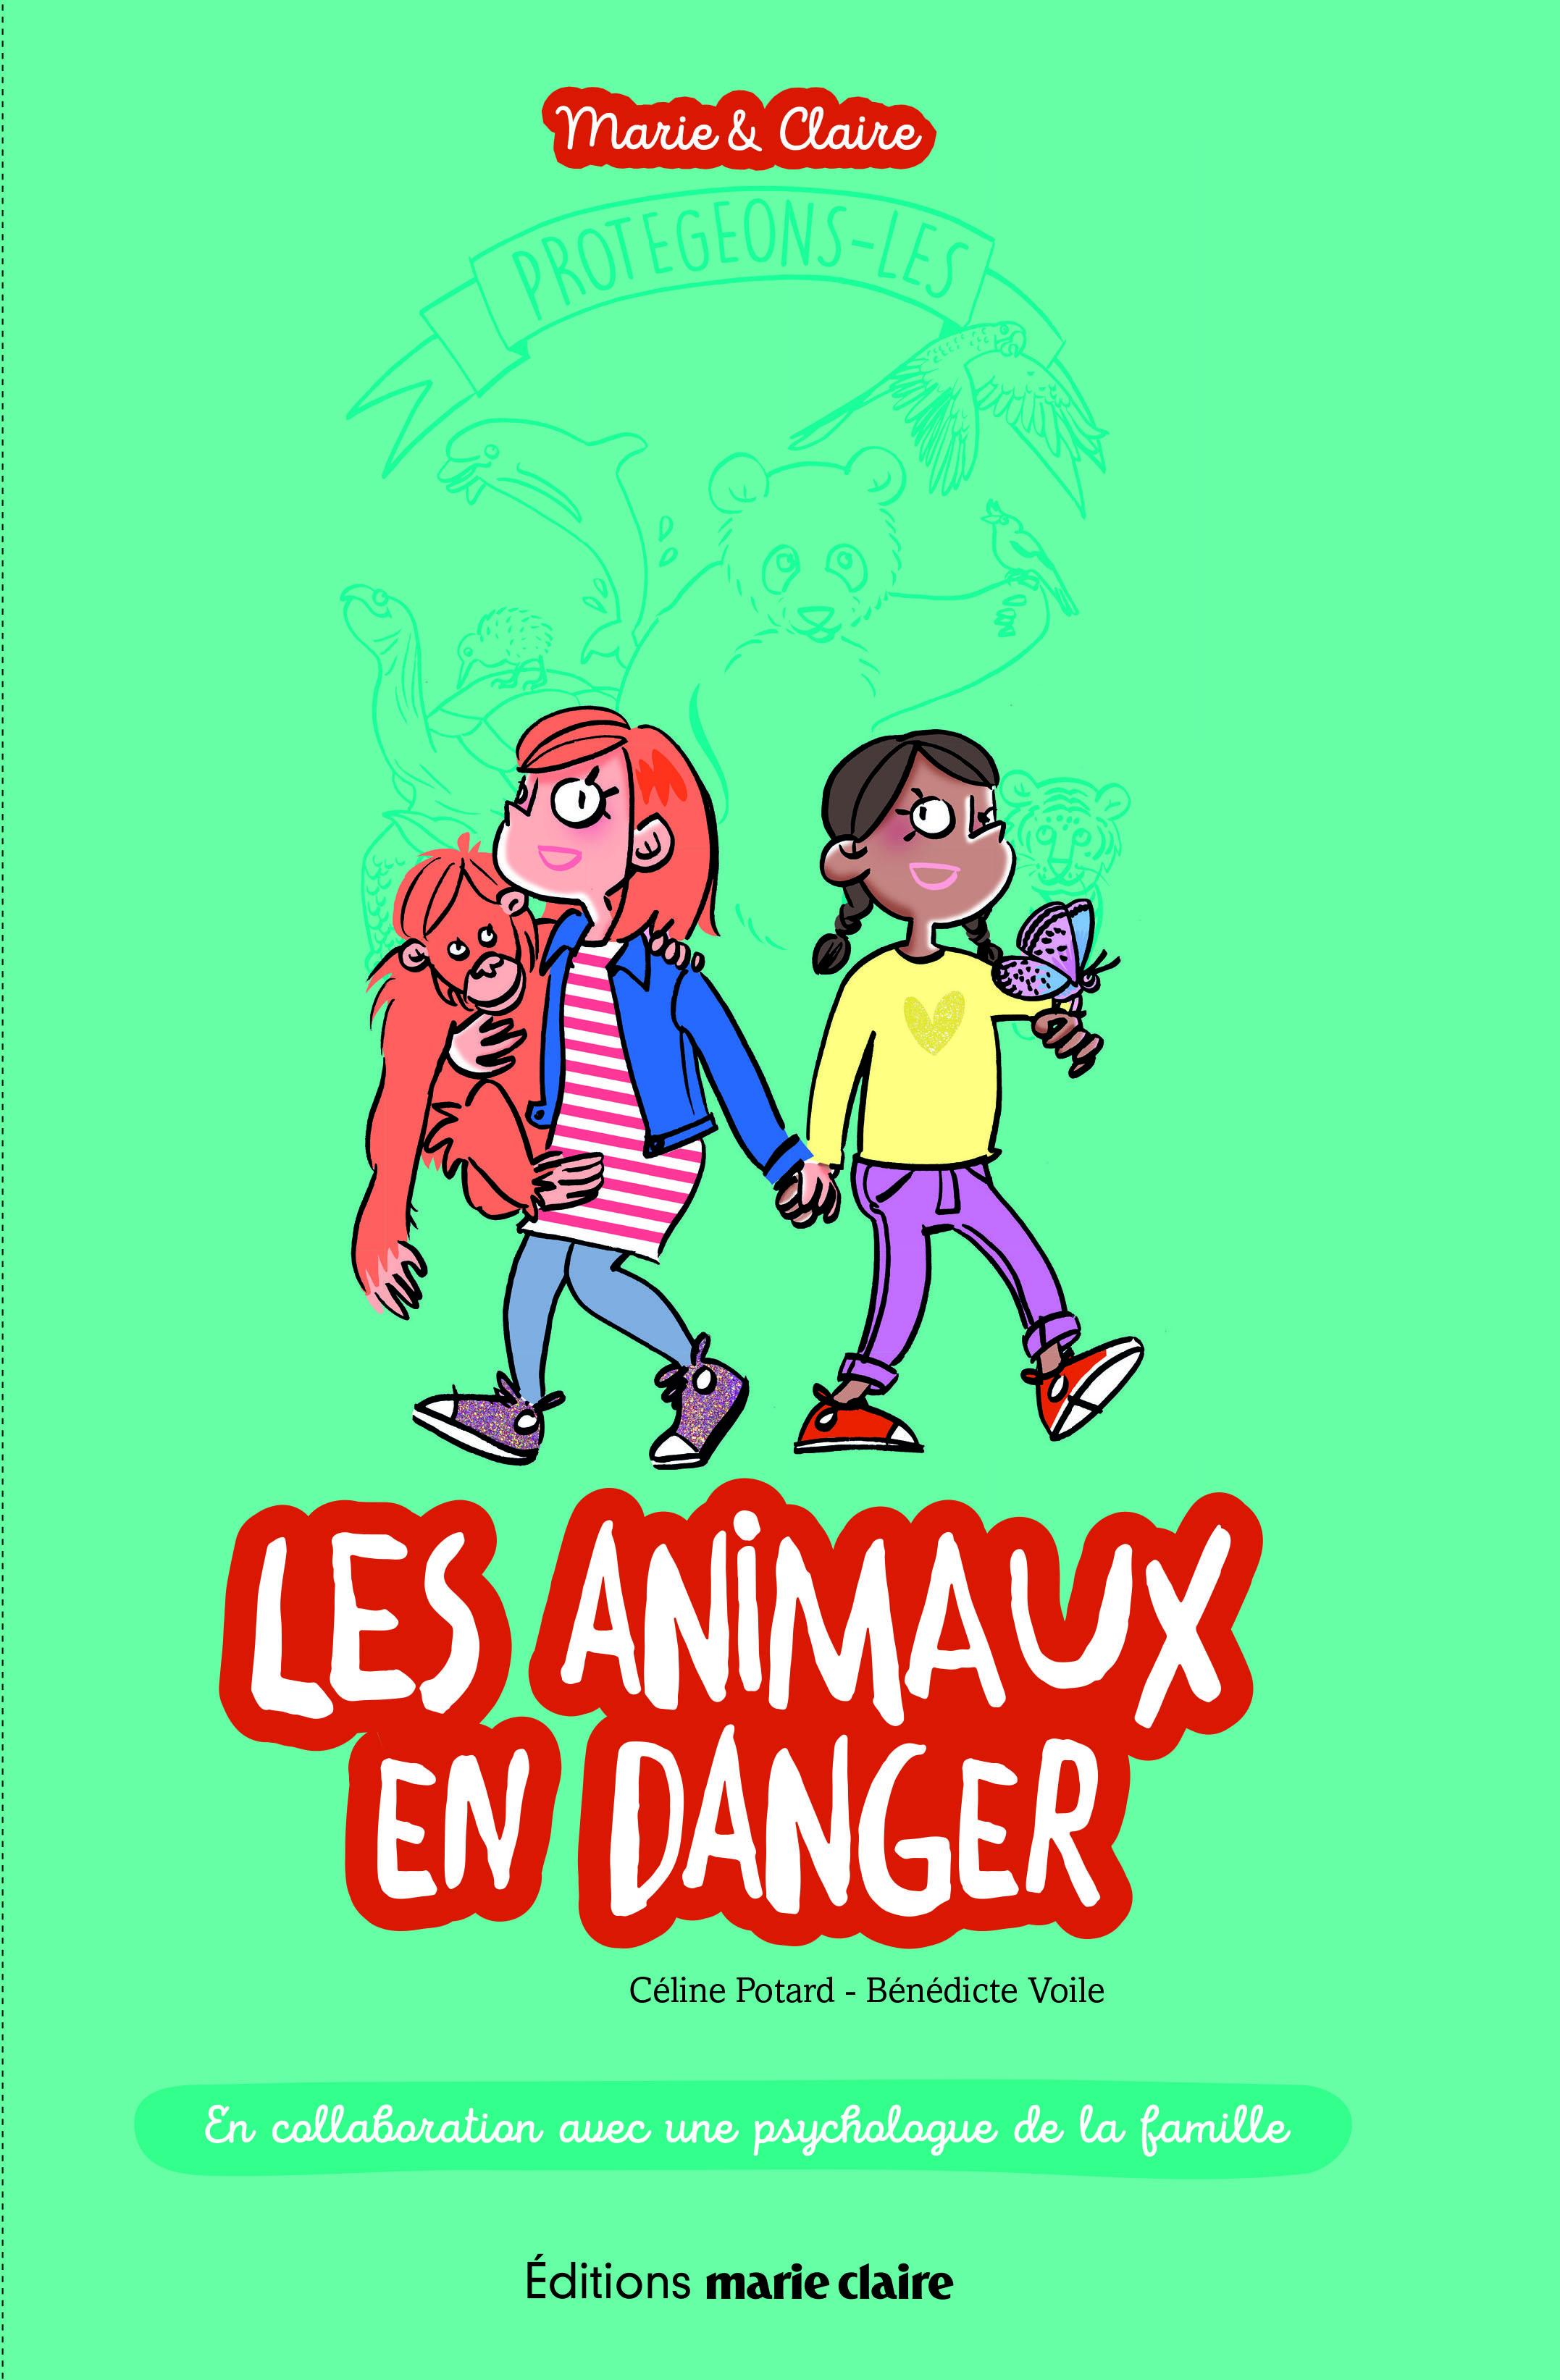 MARIE & CLAIRE LES ANIMAUX EN DANGER